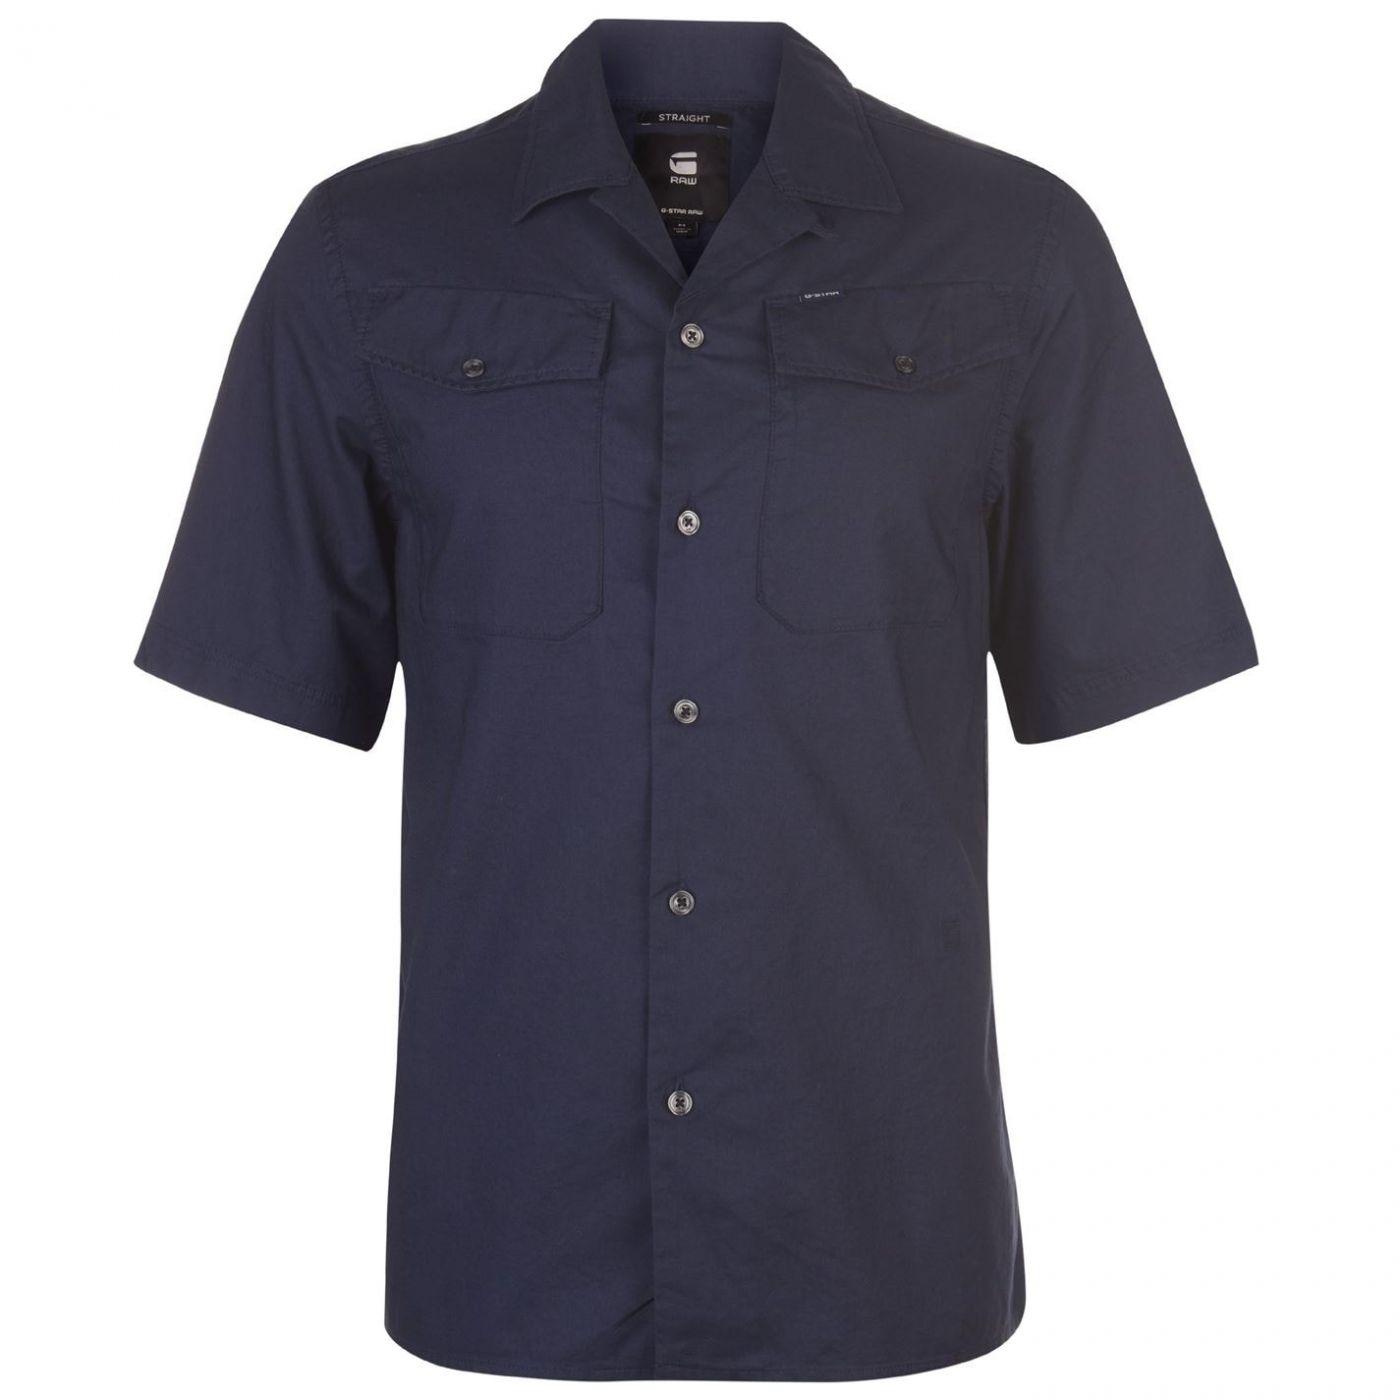 G Star Bristum Pocket Shirt